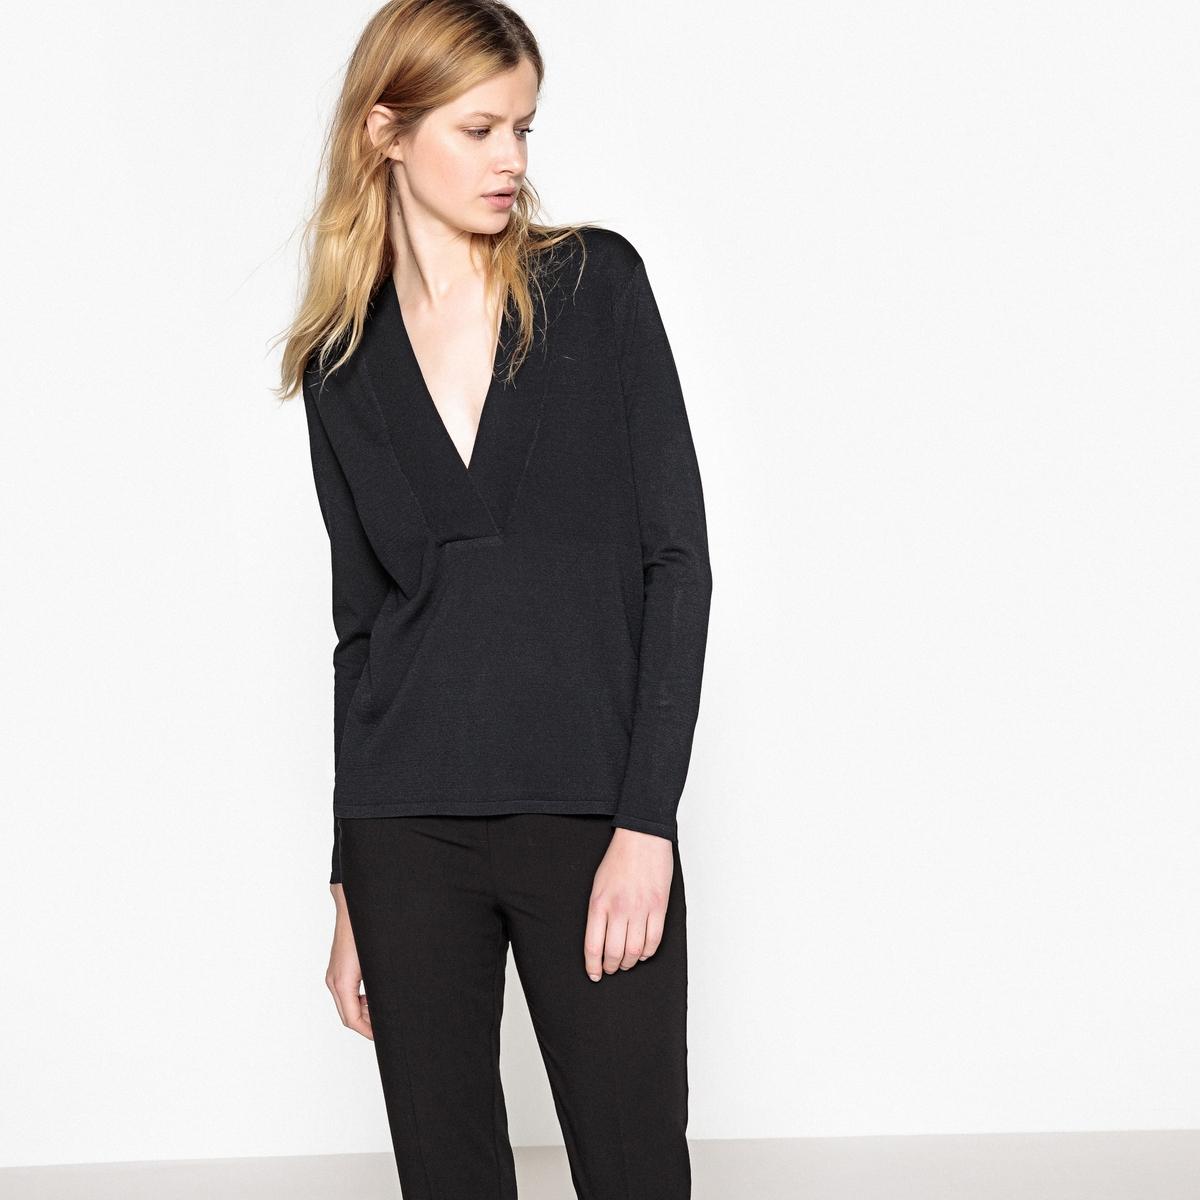 купить Пуловер-туника с V-образным вырезом из тонкого трикотажа по цене 2064.3 рублей